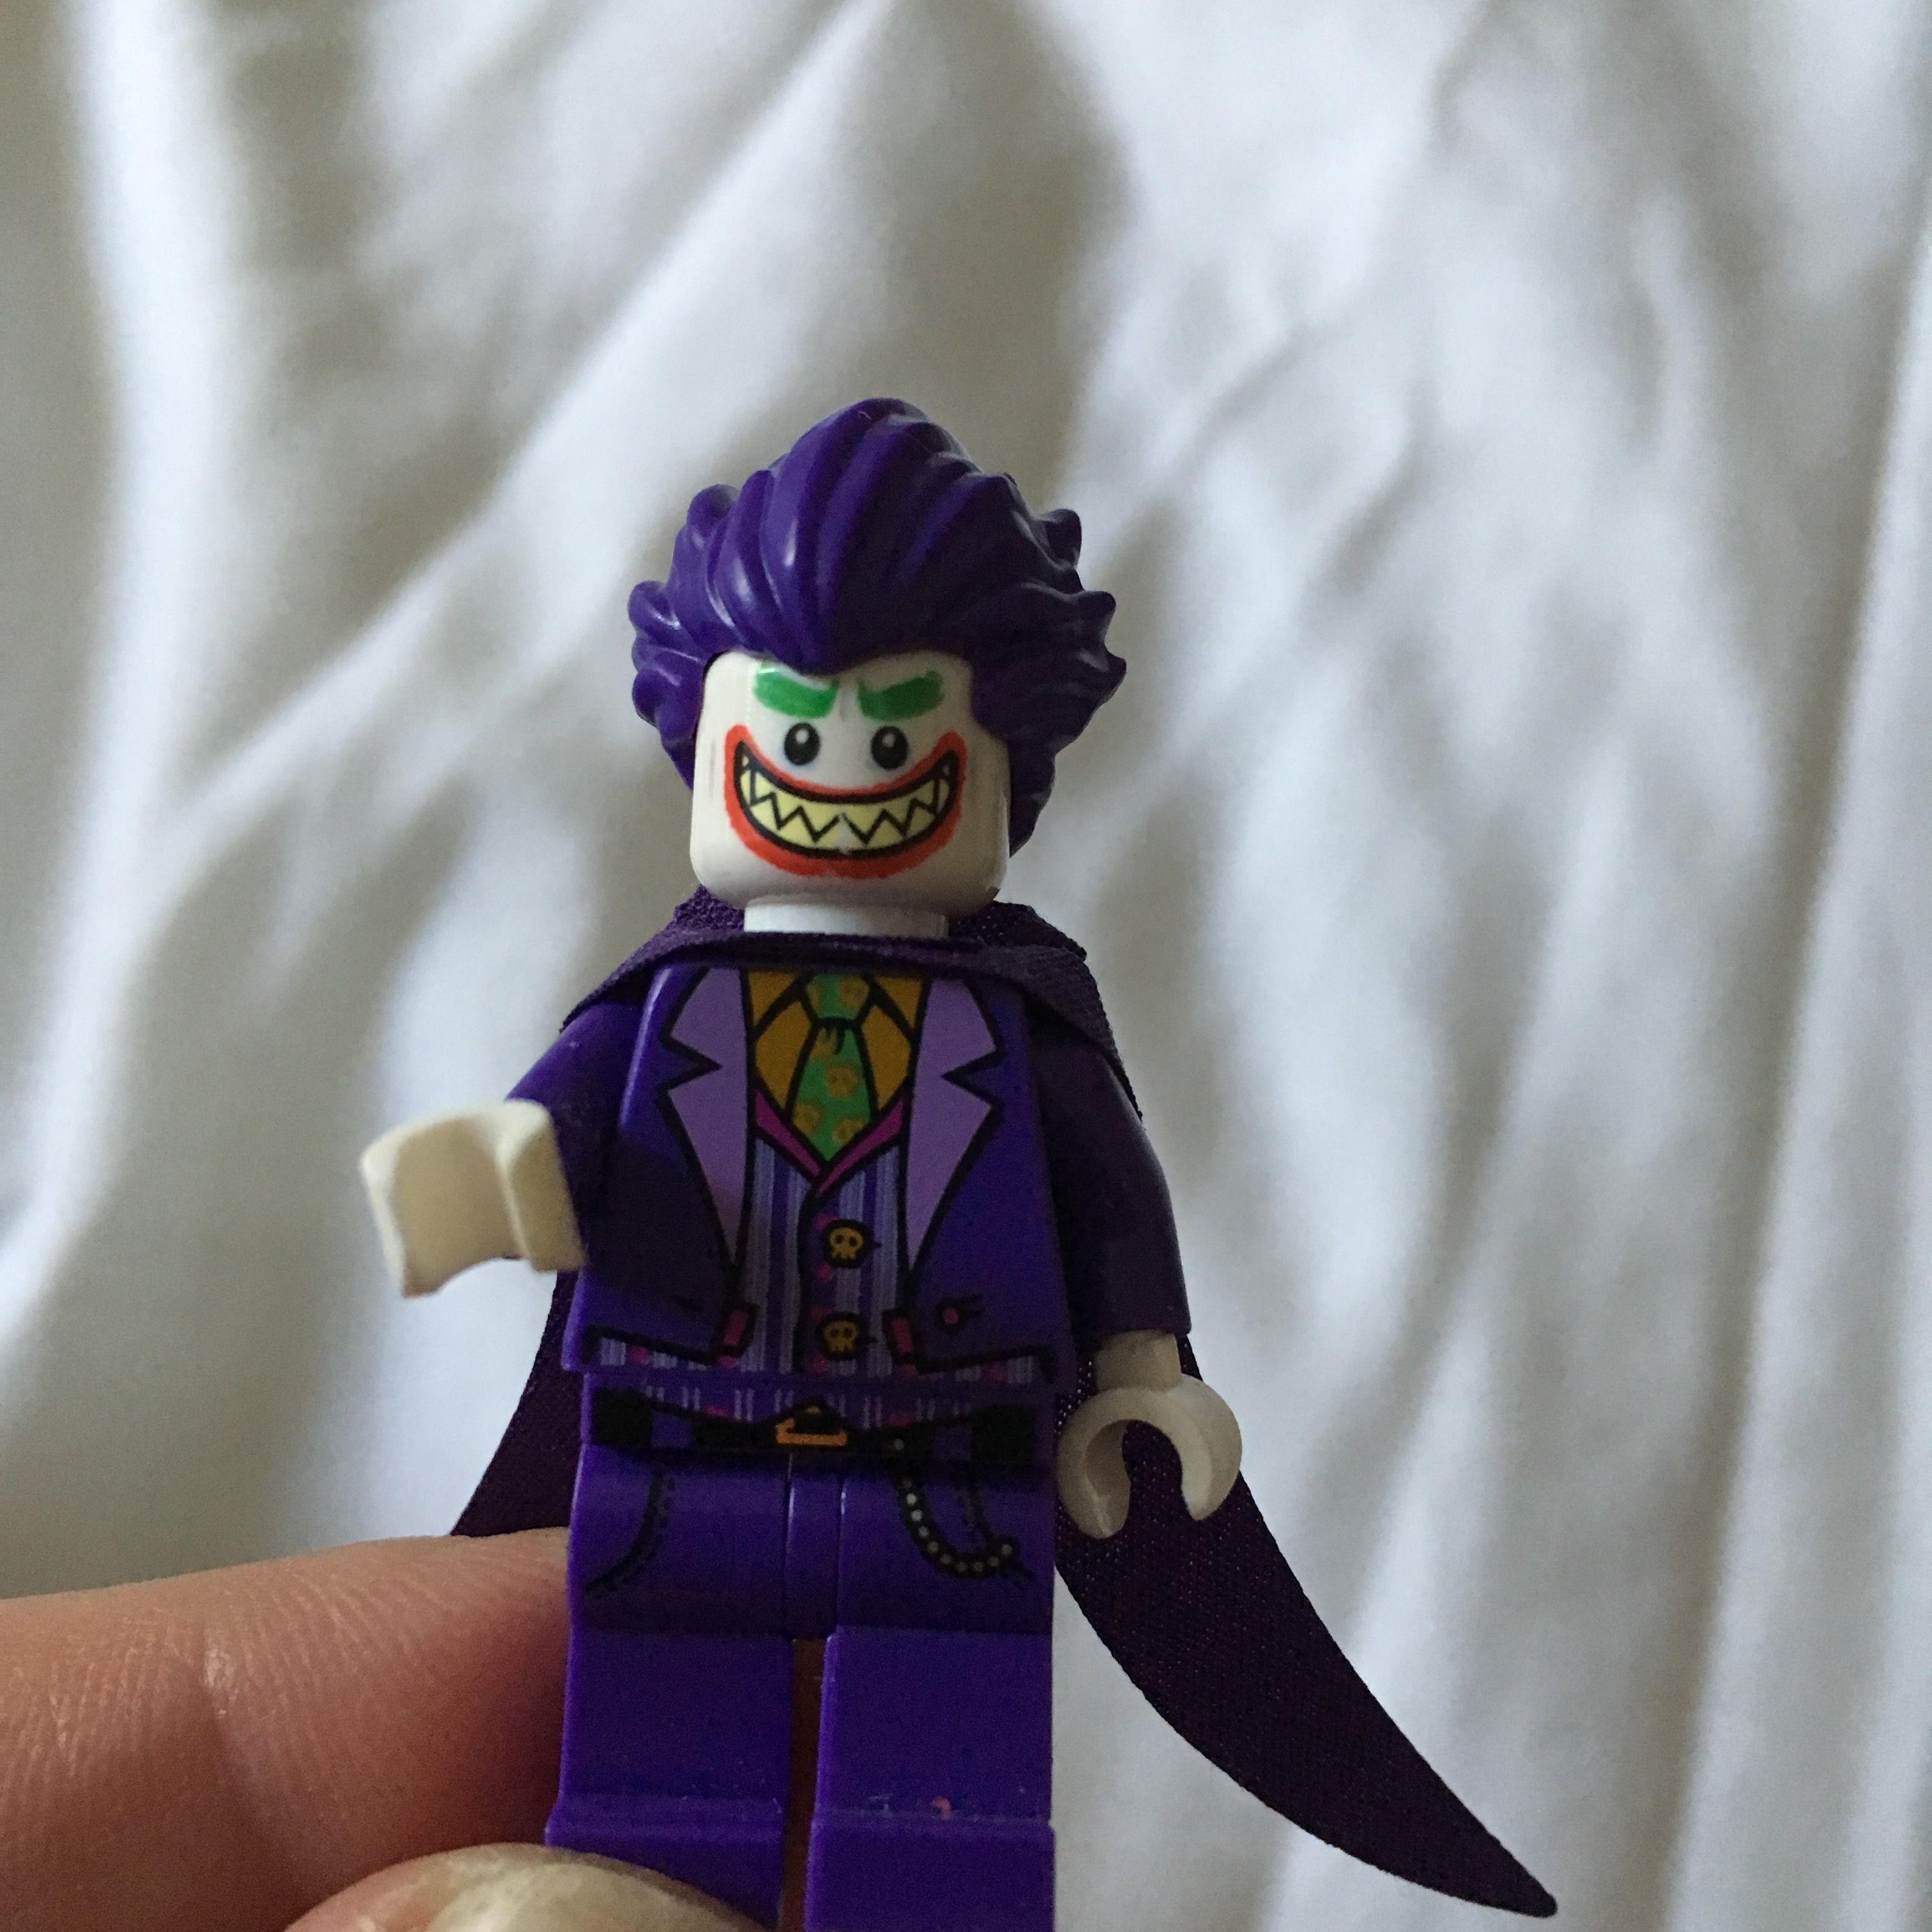 Lego Mini Figures The Joker Purple Hair Part 3